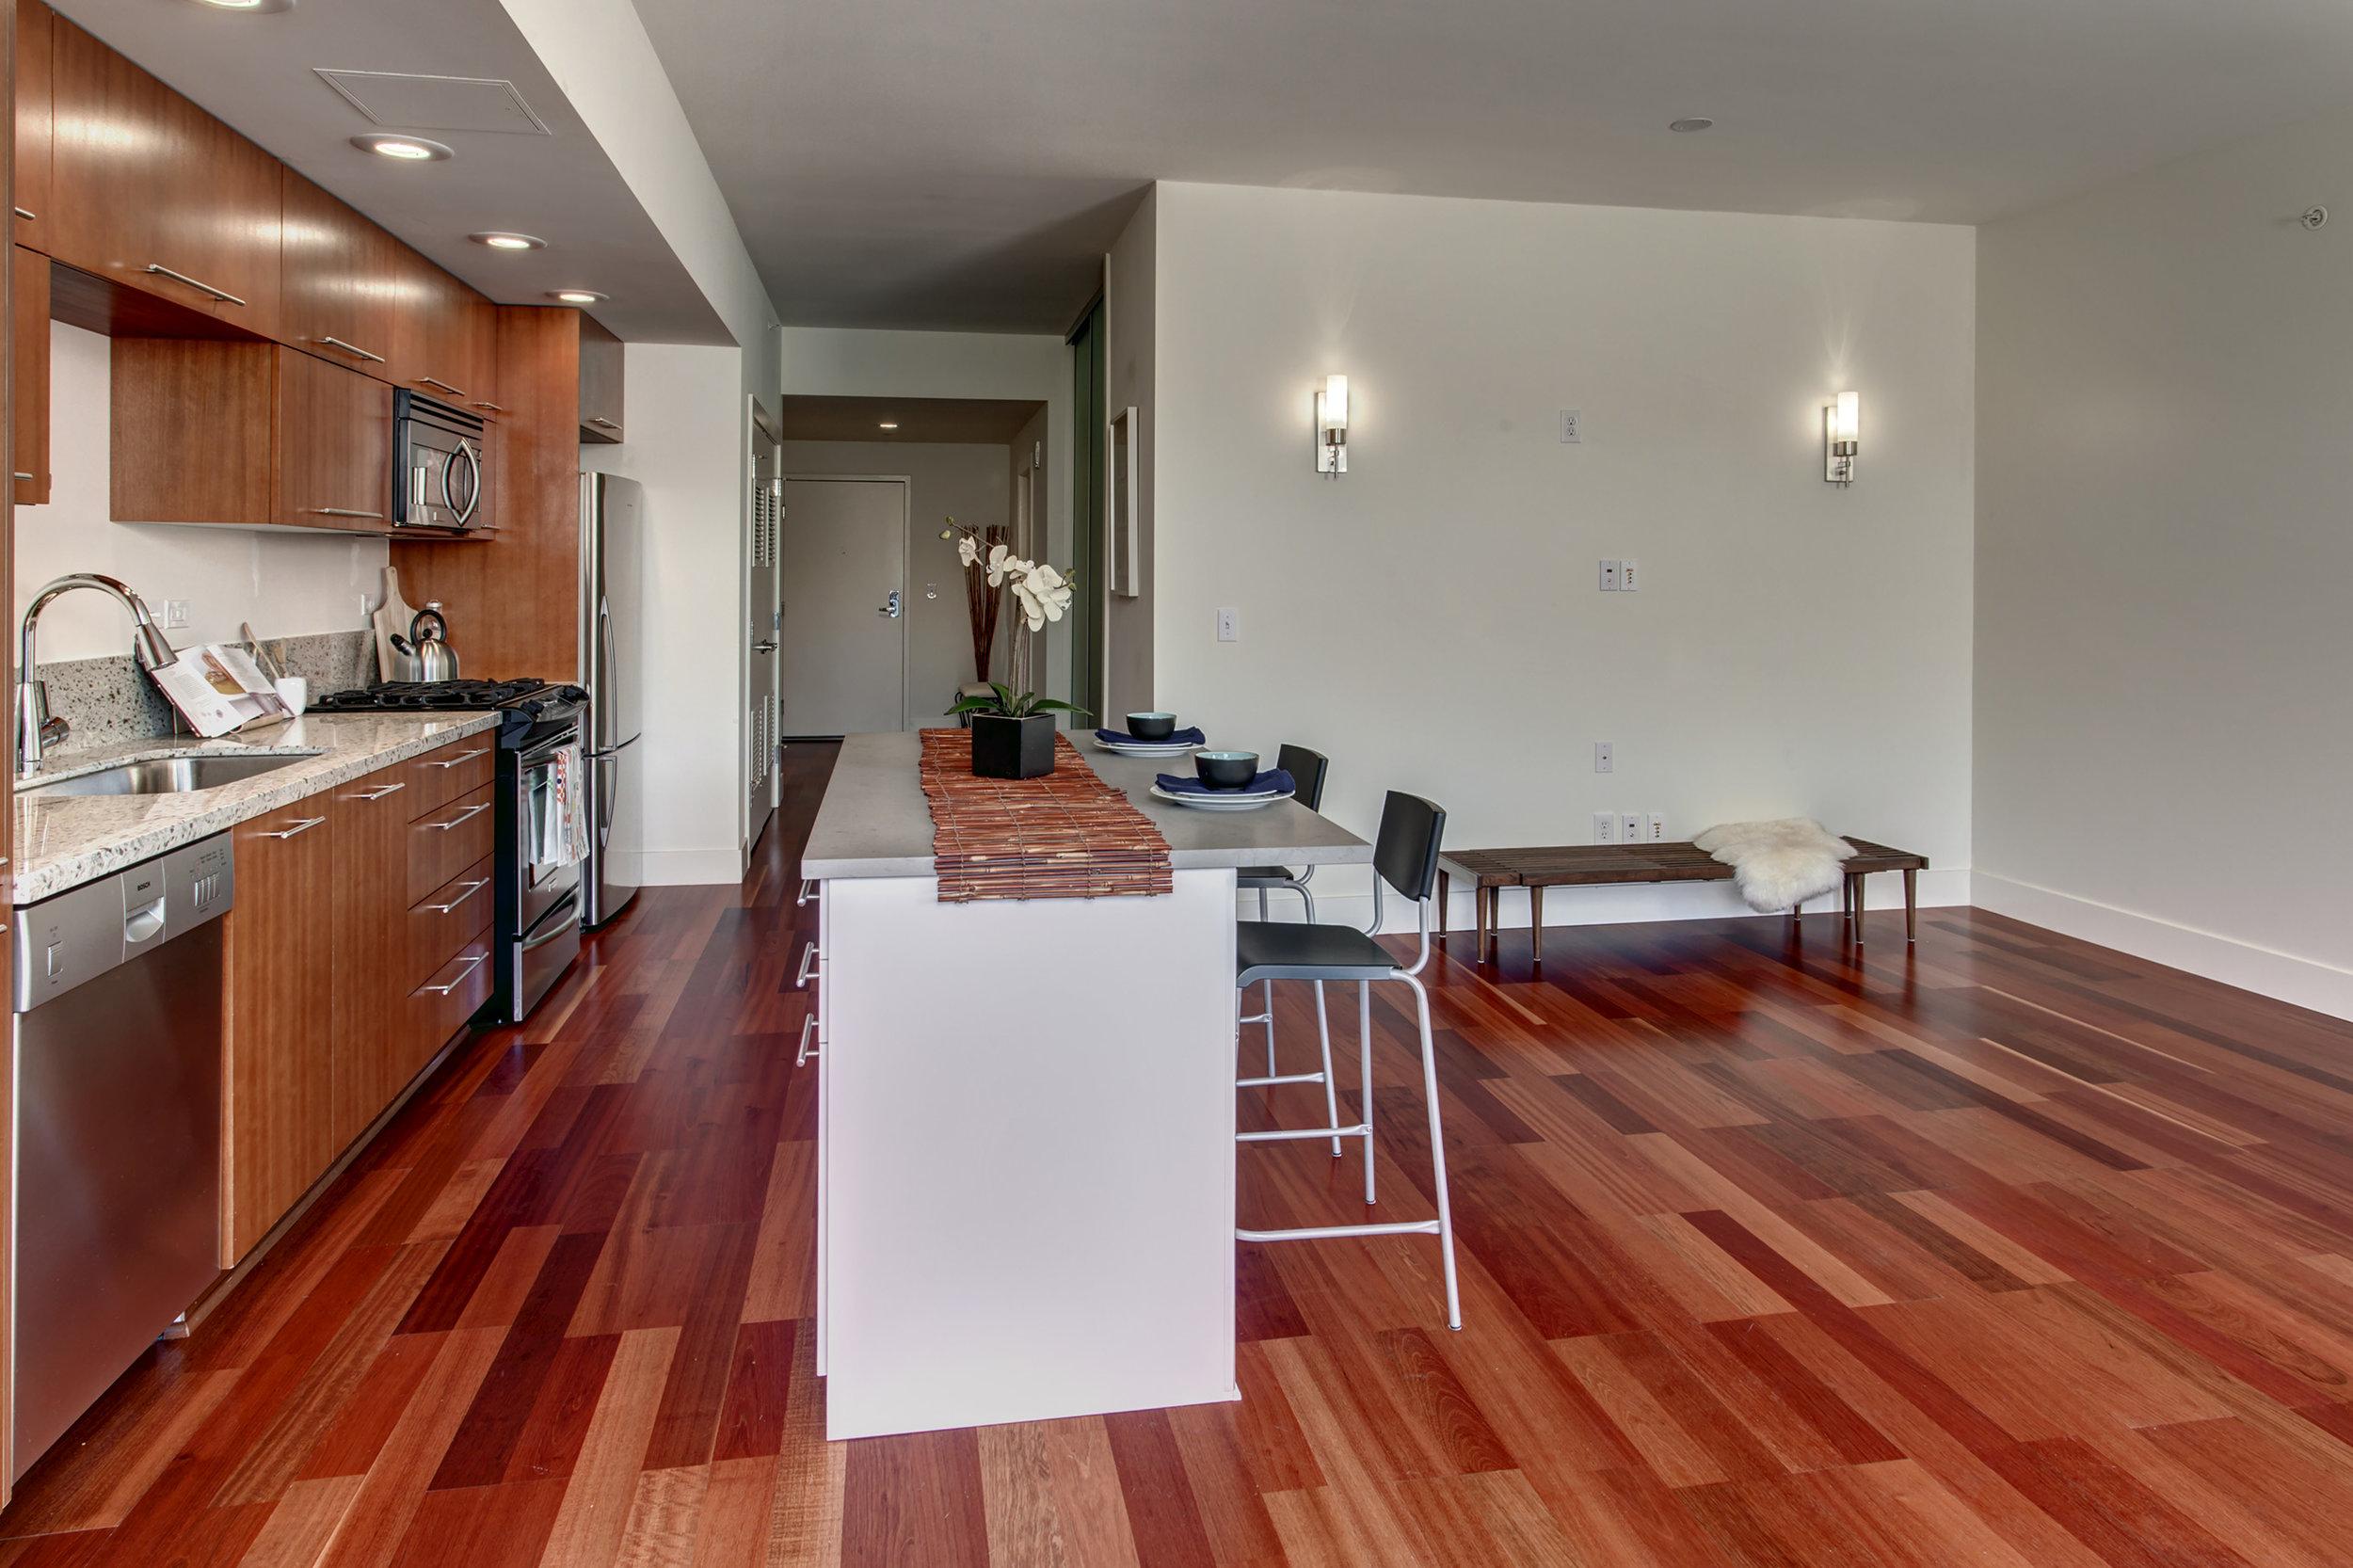 9a-Kitchen05.jpg